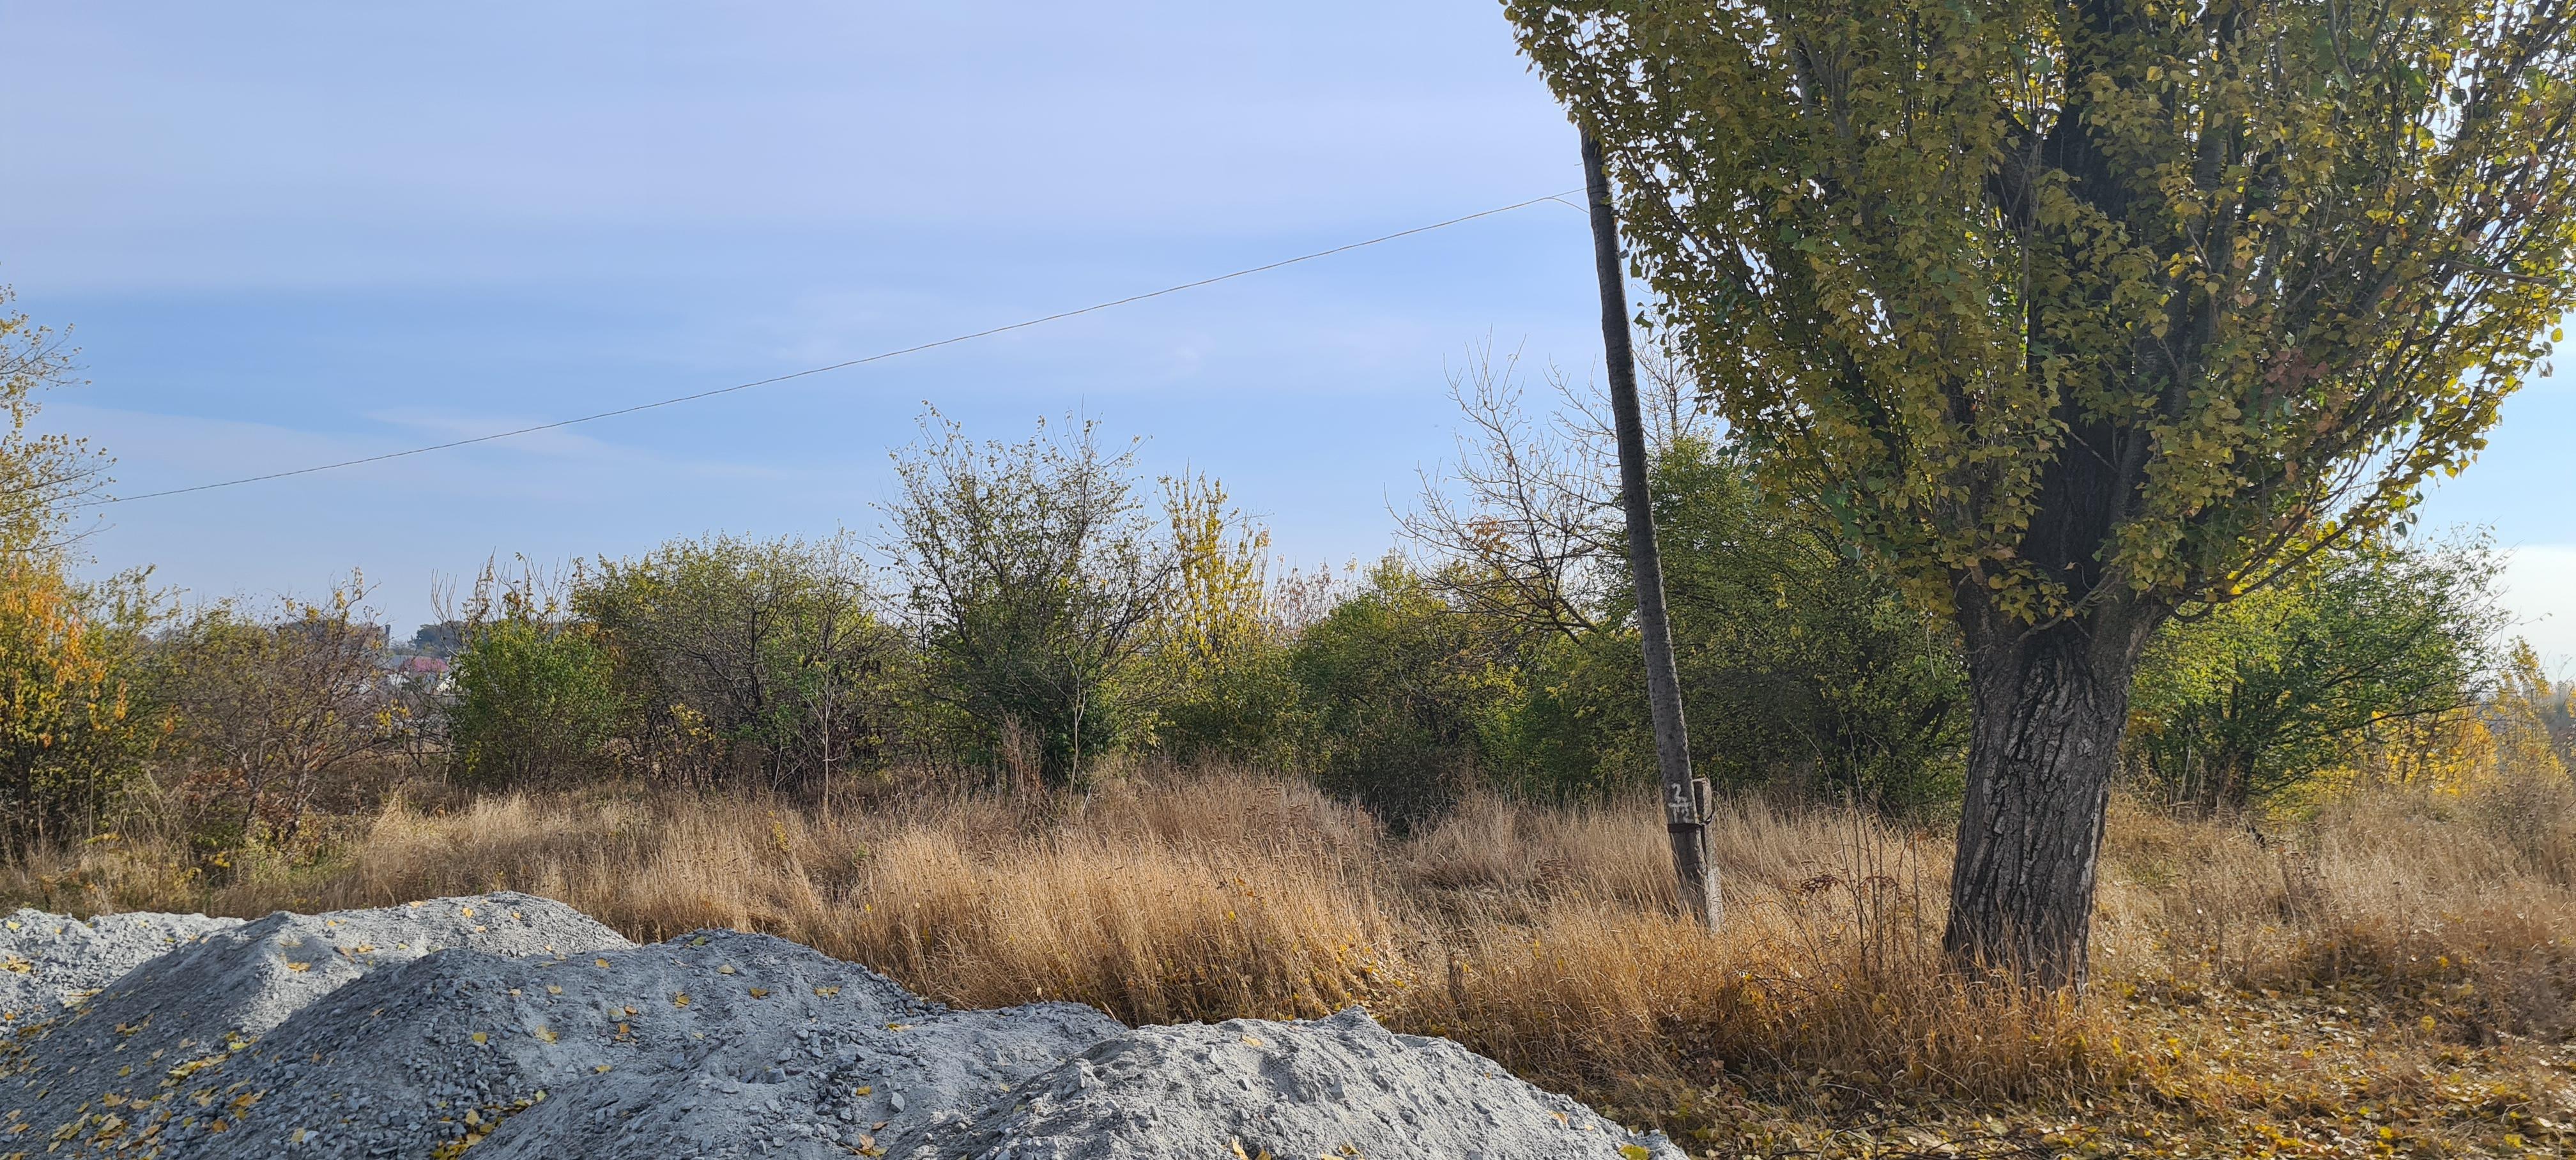 Продаж права оренди земельної ділянки на земельних торгах